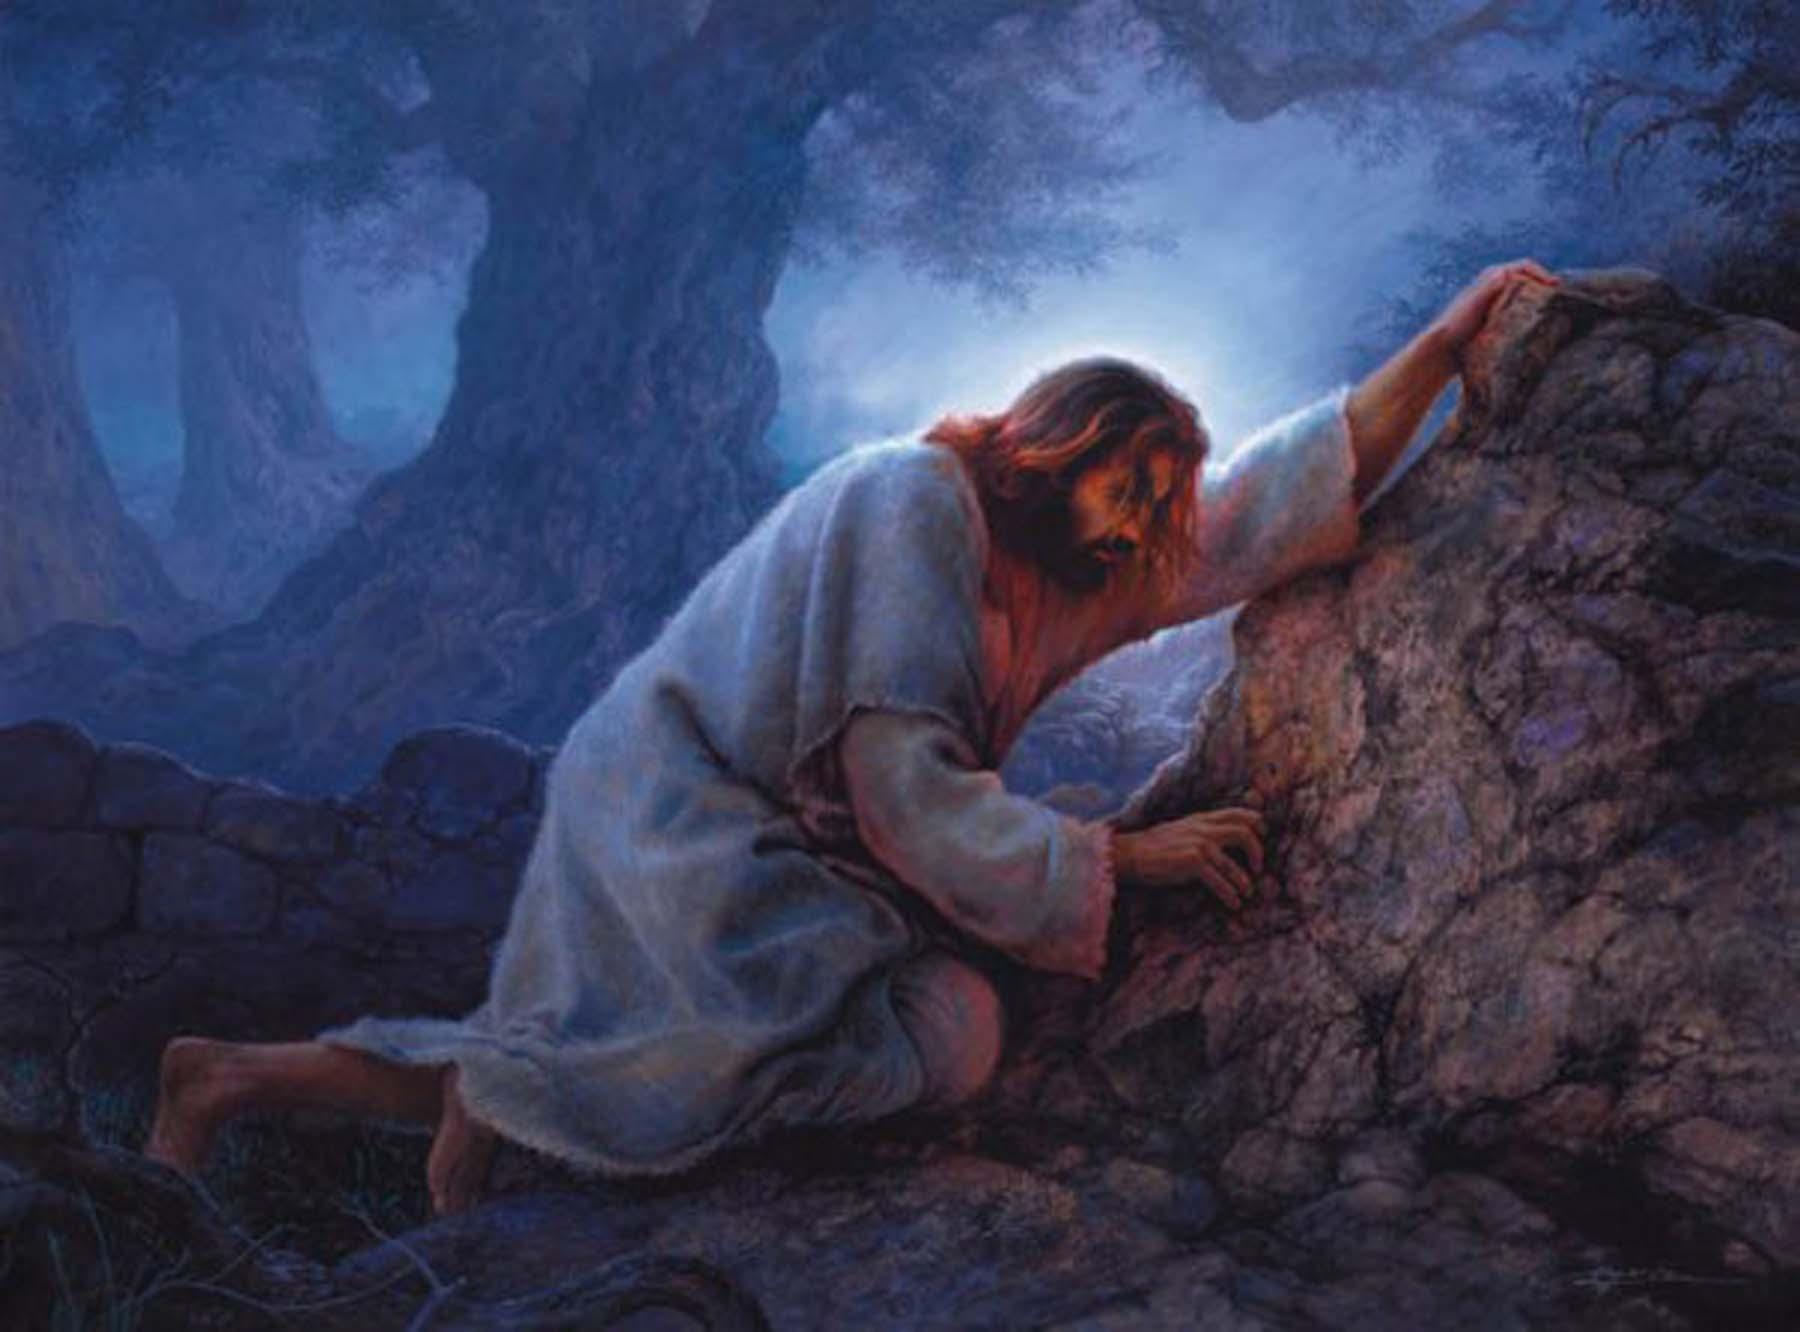 Tại sao Chúa Giê-su quá đỗi buồn rầu xao xuyến trước cái chết?